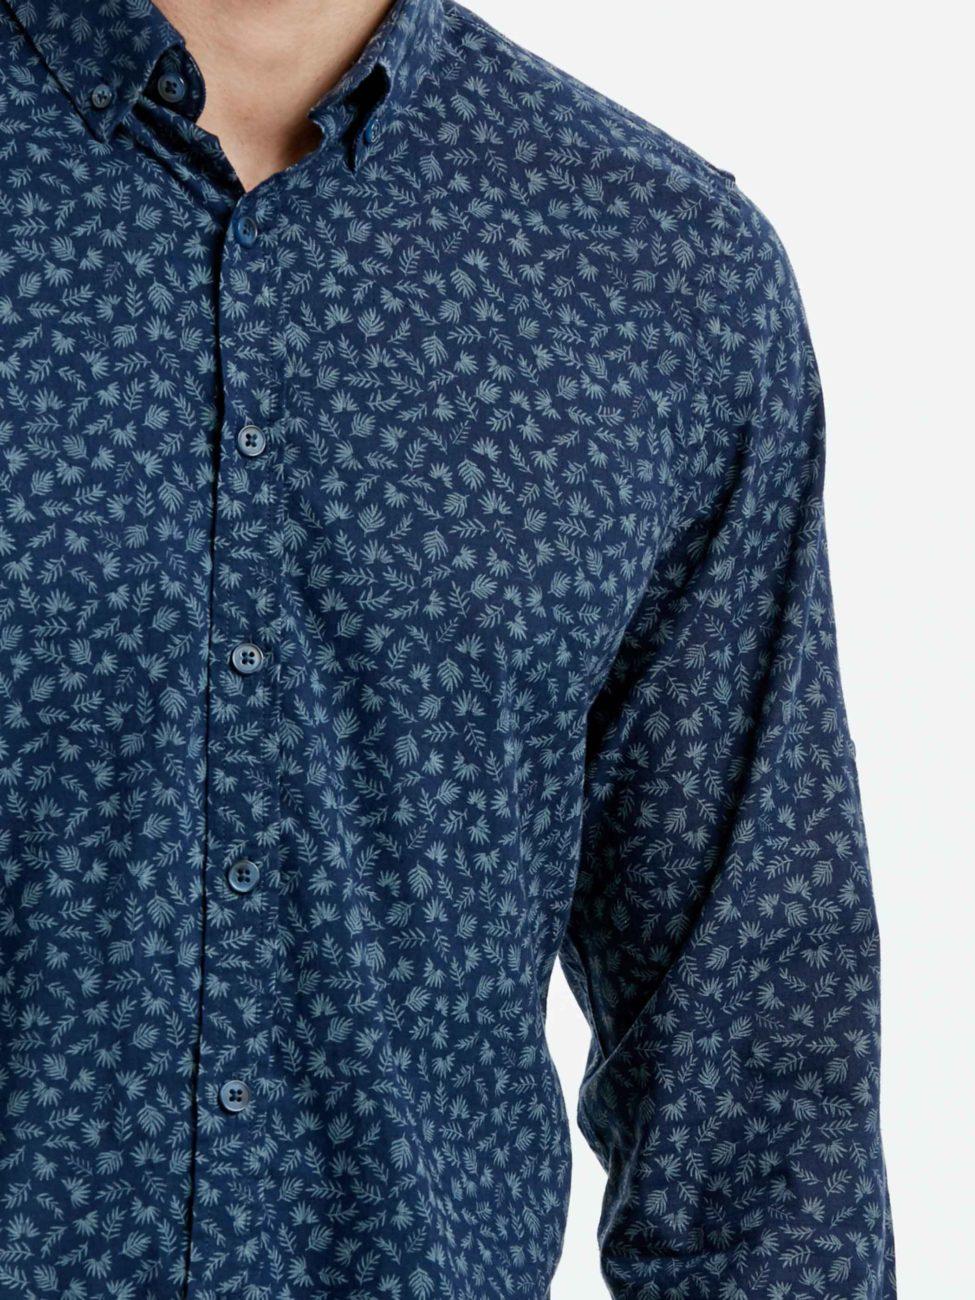 Soldes Lc Waikiki Maroc Chemise pour Homme 109Dhs au lieu de 179Dhs